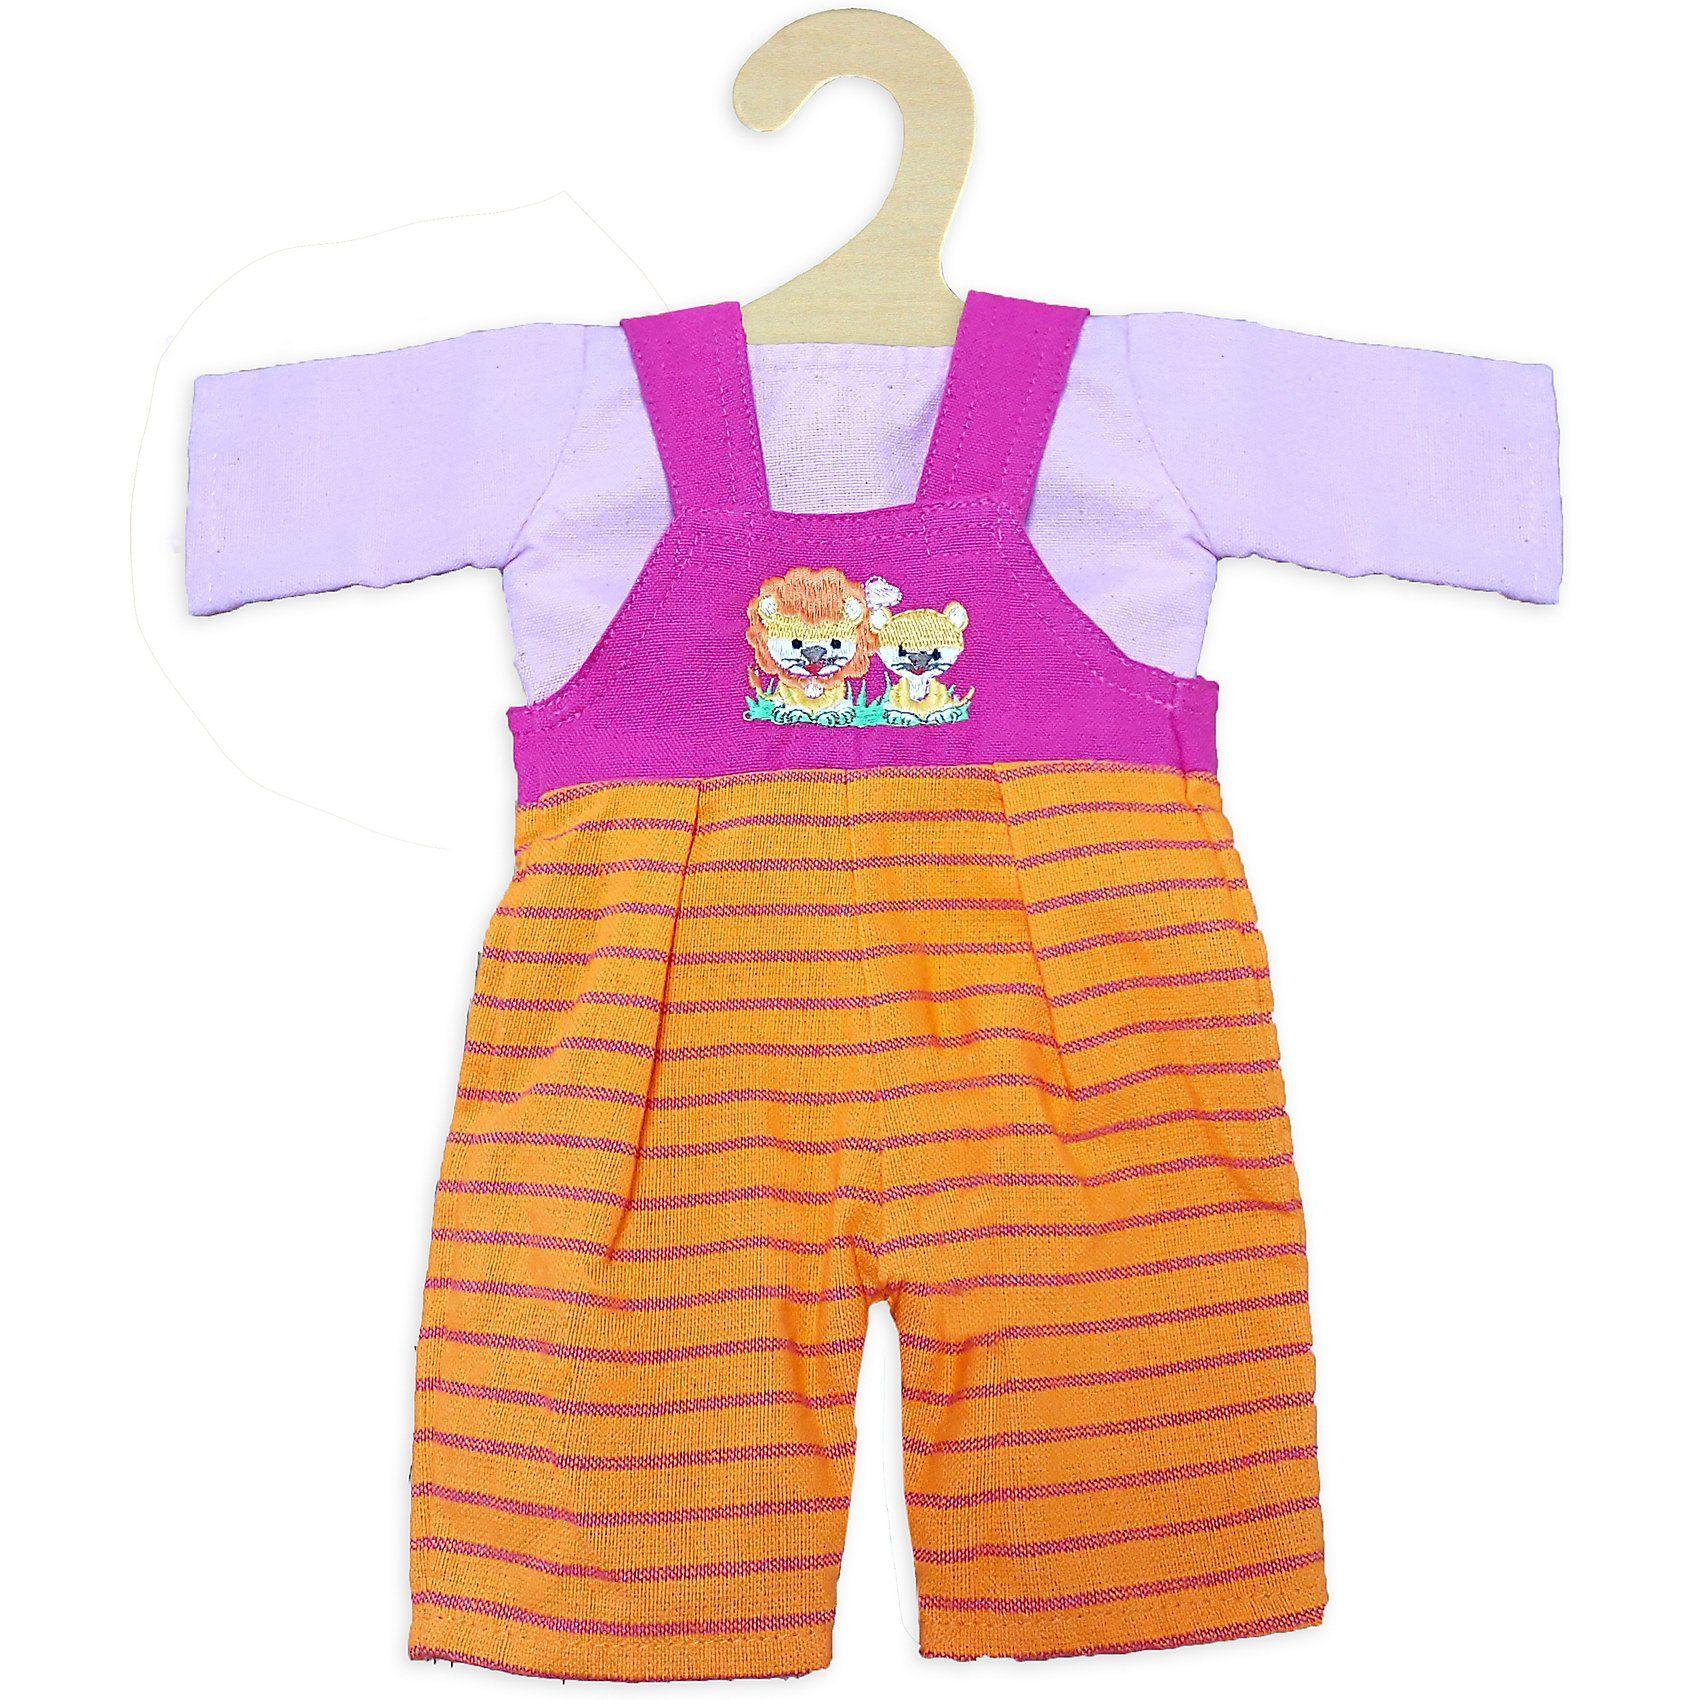 Puppen & Zubehör Heless Puppenkleidung Fair Trade Kleid Flamingo in 2 Größen